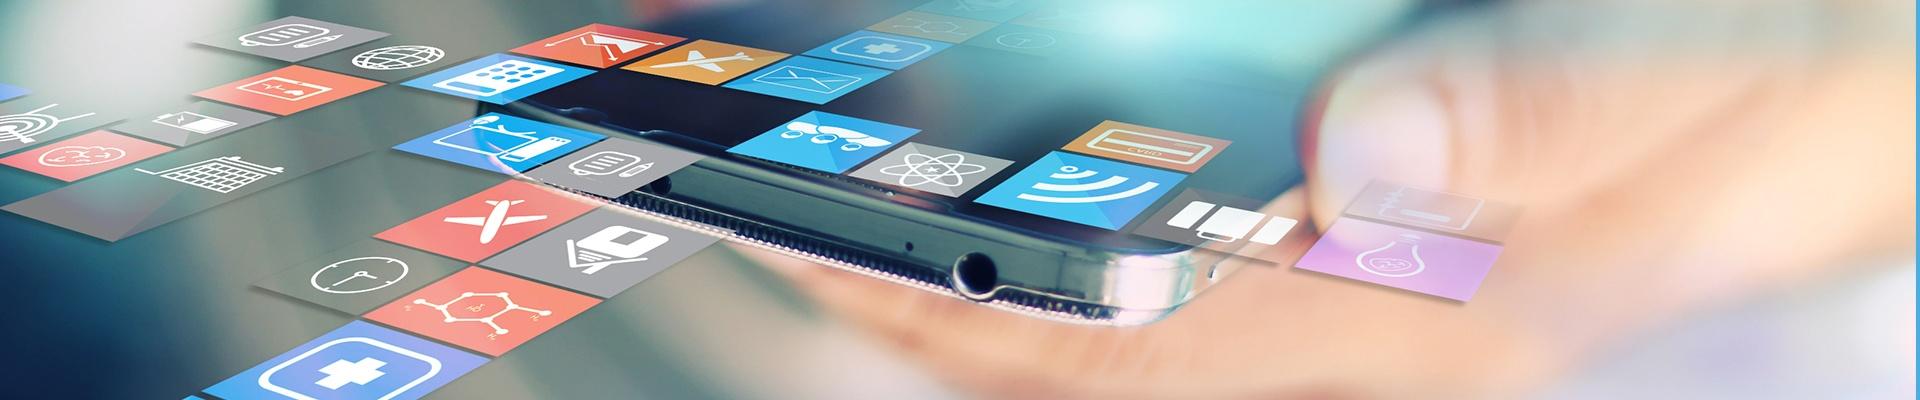 digital-marketing-solutions.jpg